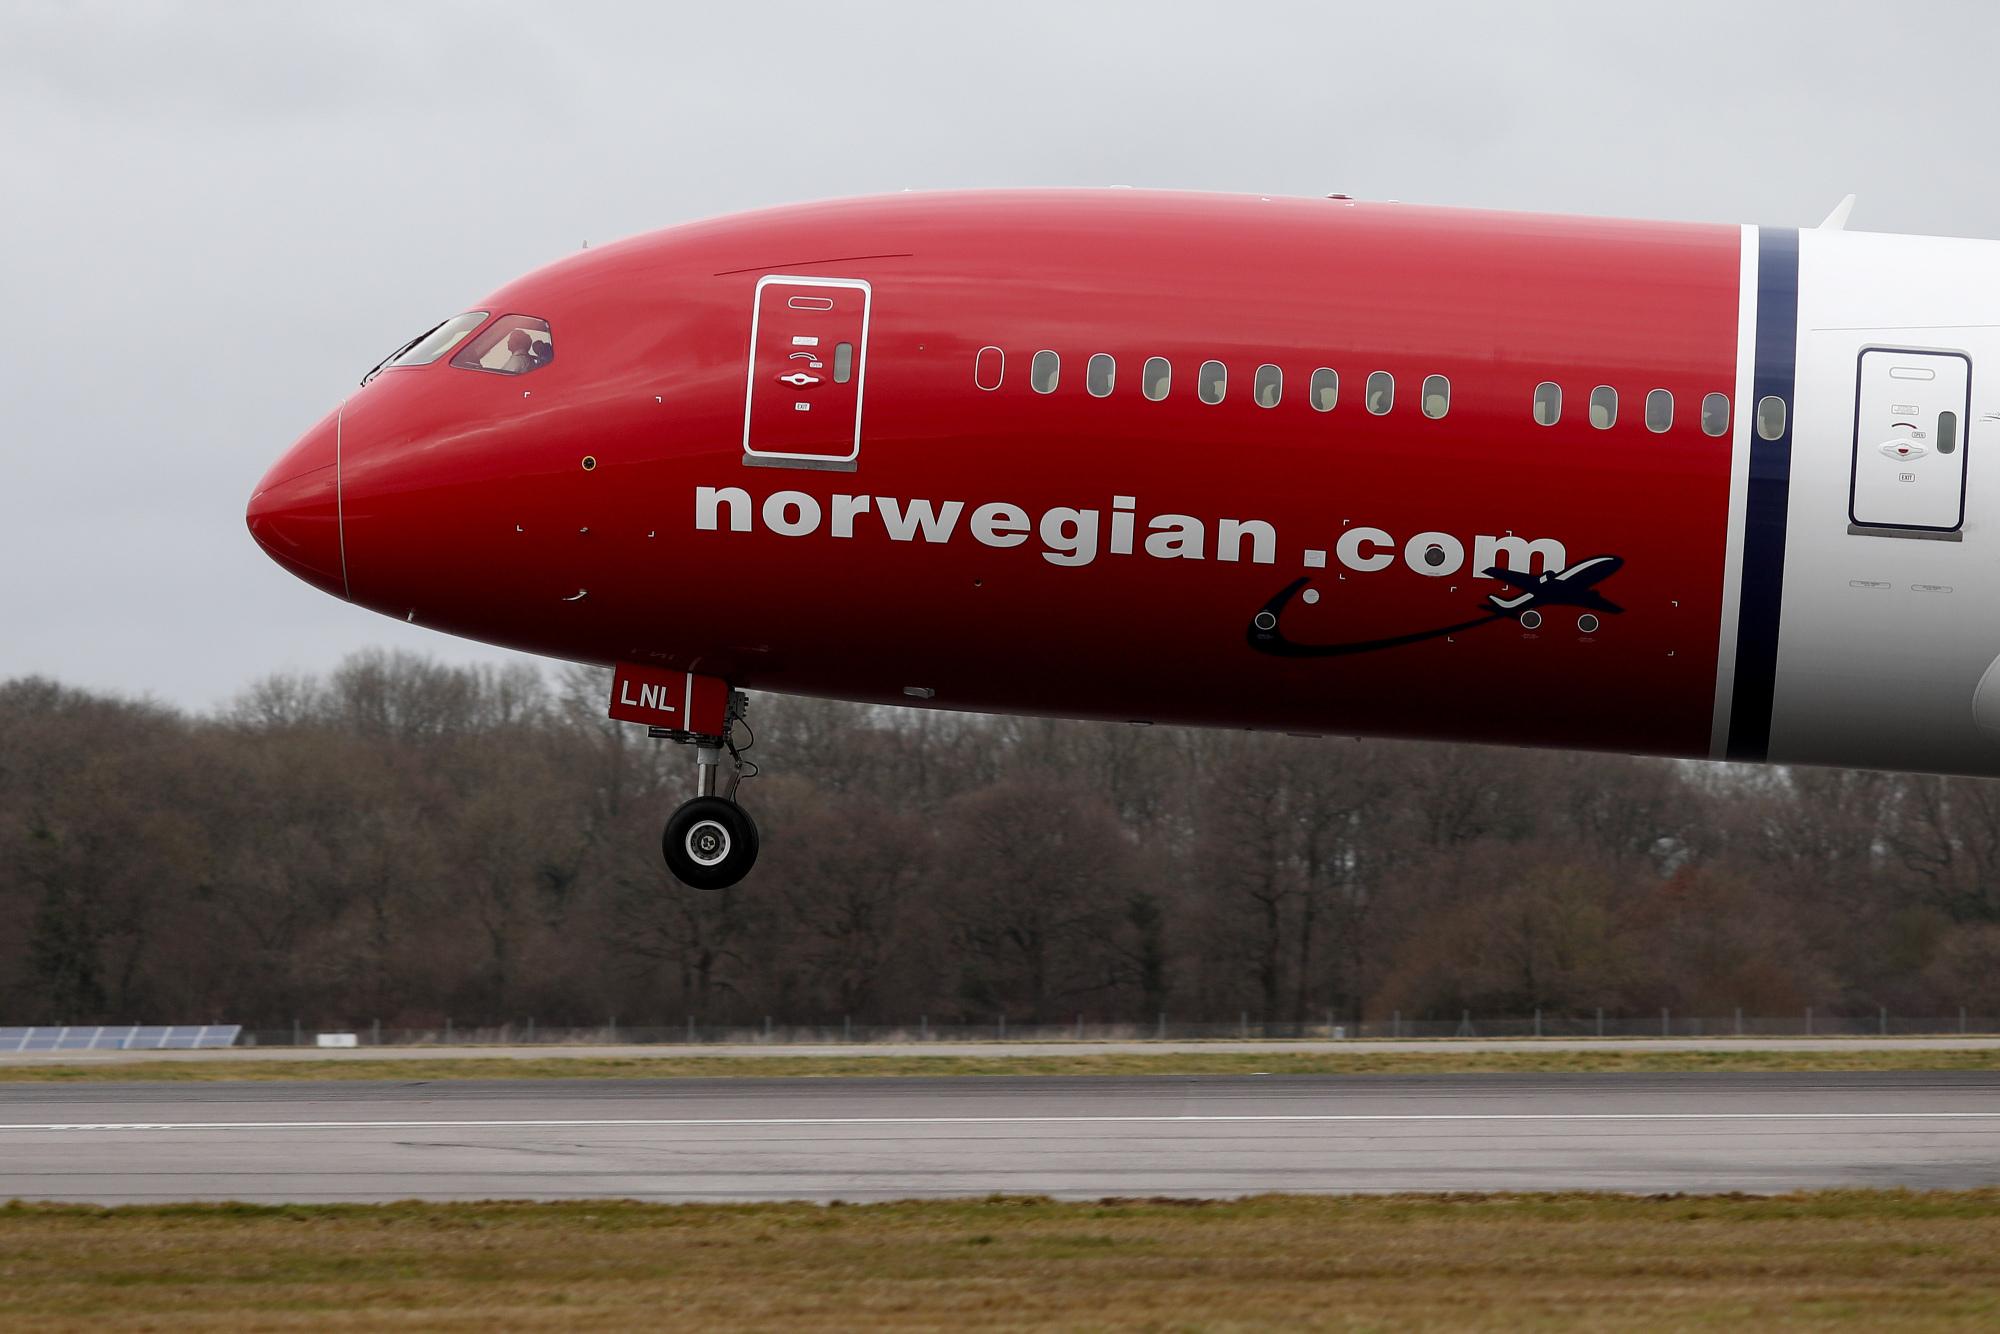 Norwegian Air Seeks to Reassure on Cash Amid Winter Slowdown - Bloomberg